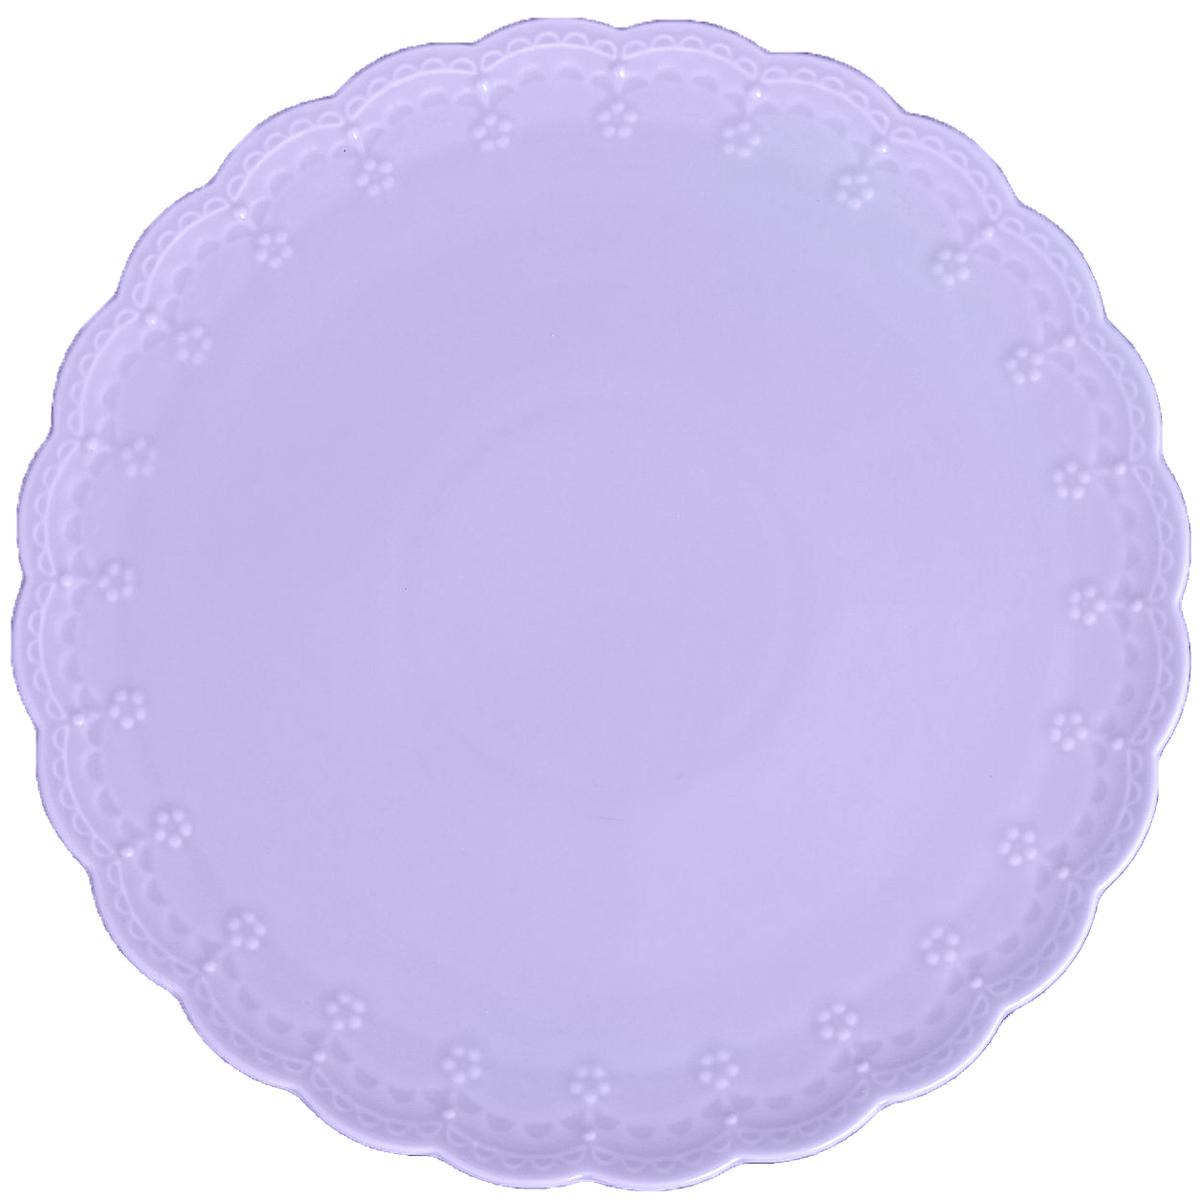 Блюдо для торта Lamart Dolci, цвет: лиловый, диаметр 27 см869832Блюдо для торта Dolci лиловое — прекрасный выбор для тех, кто хочет сделать запоминающийся презент родным и близким. Поможет создать атмосферу праздника. Такой подарок запомнится надолго. В нём прекрасно сочетаются цена и качество. И главное, это абсолютно уникальный товар, который вы можете купить оптом по самой привлекательной цене.